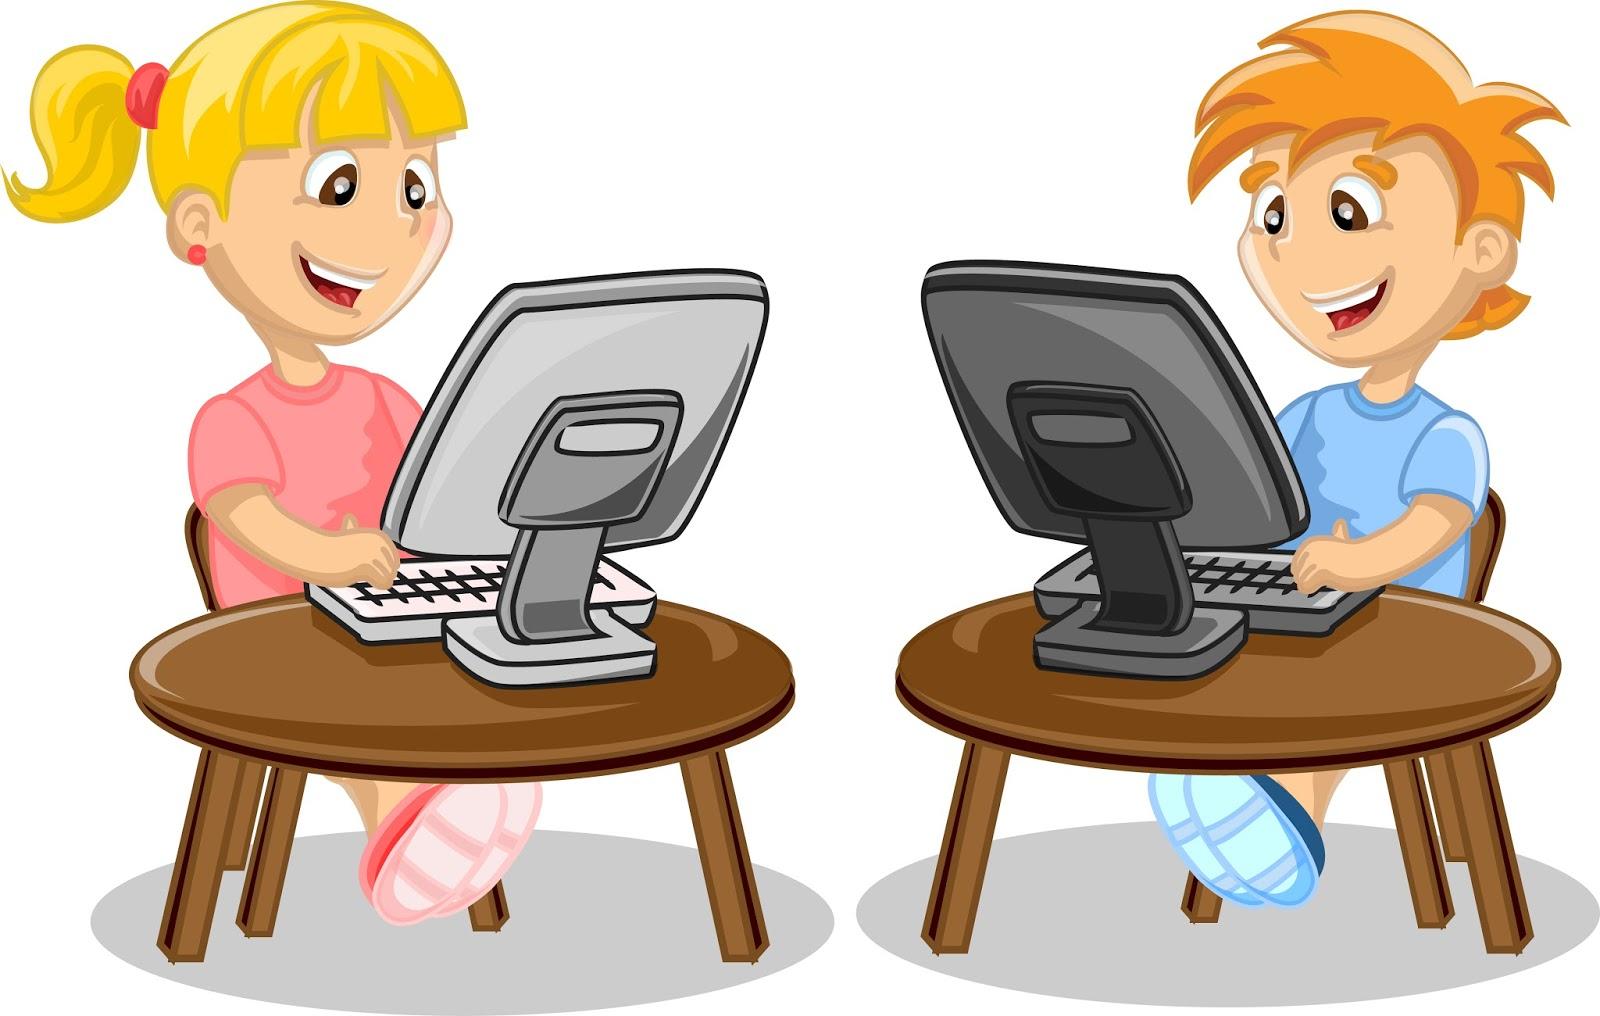 Картинка мальчик играет за компьютером